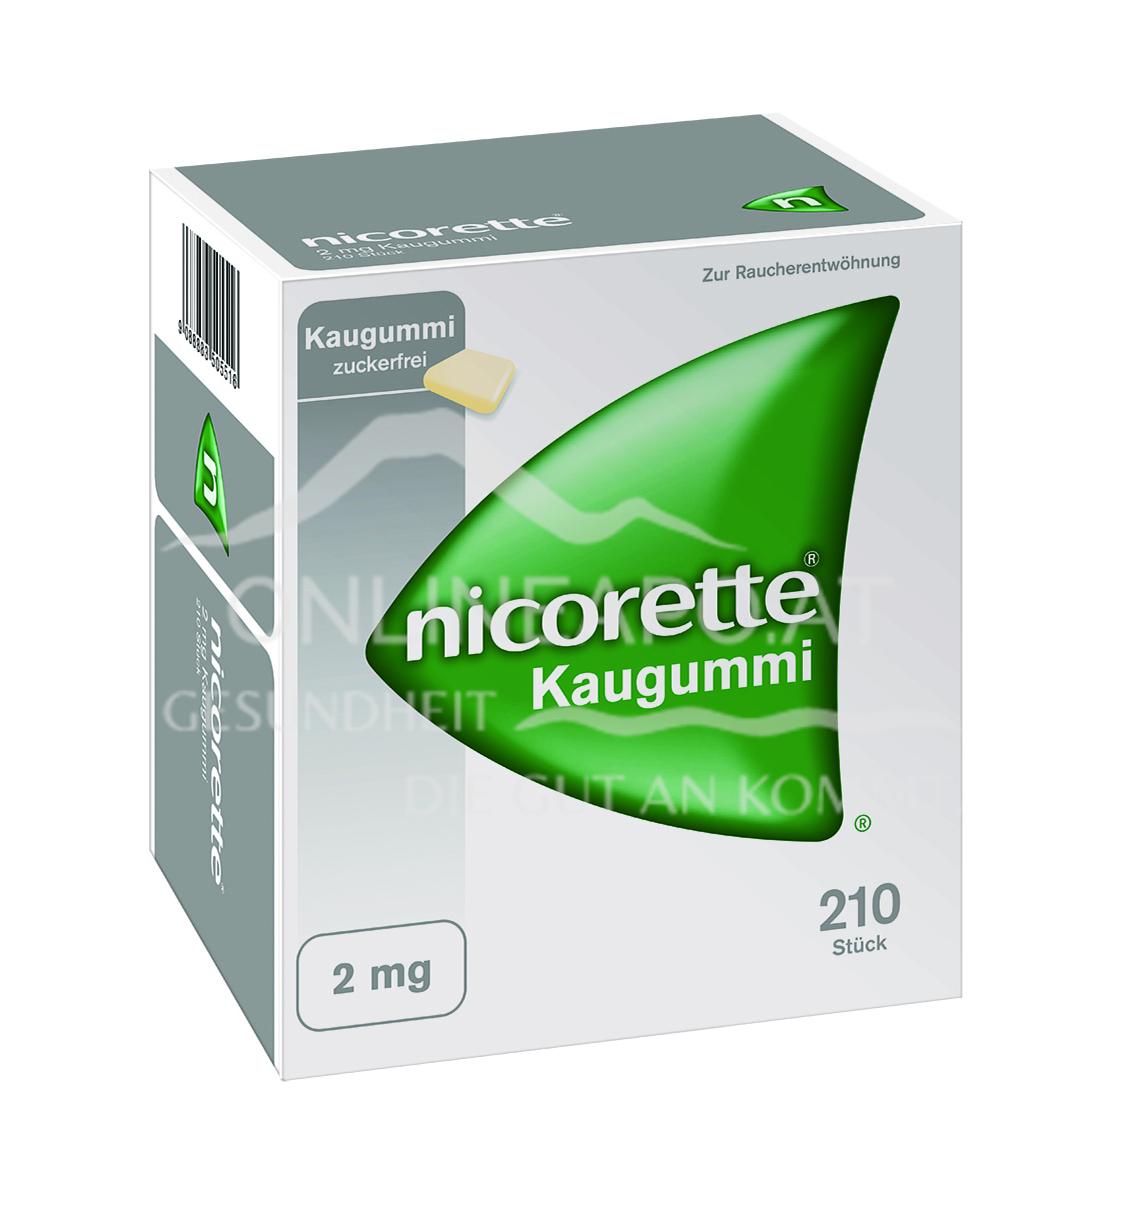 Nicorette Kaugummi 2mg - ohne Geschmack